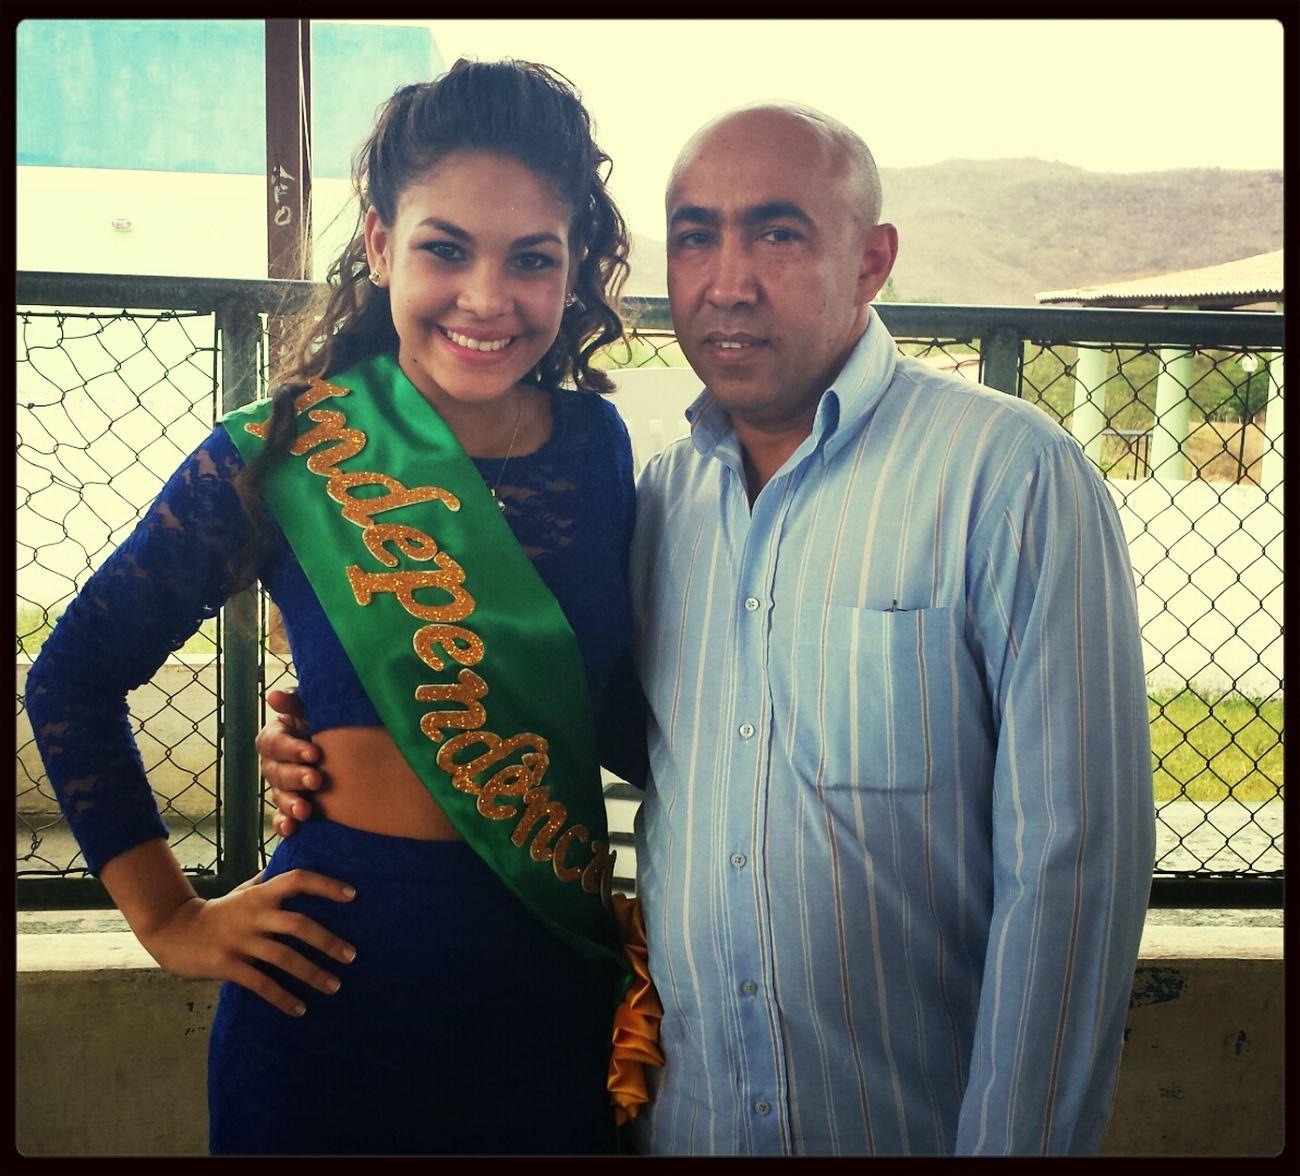 Rainha Thalia e o Prefeito Dé!